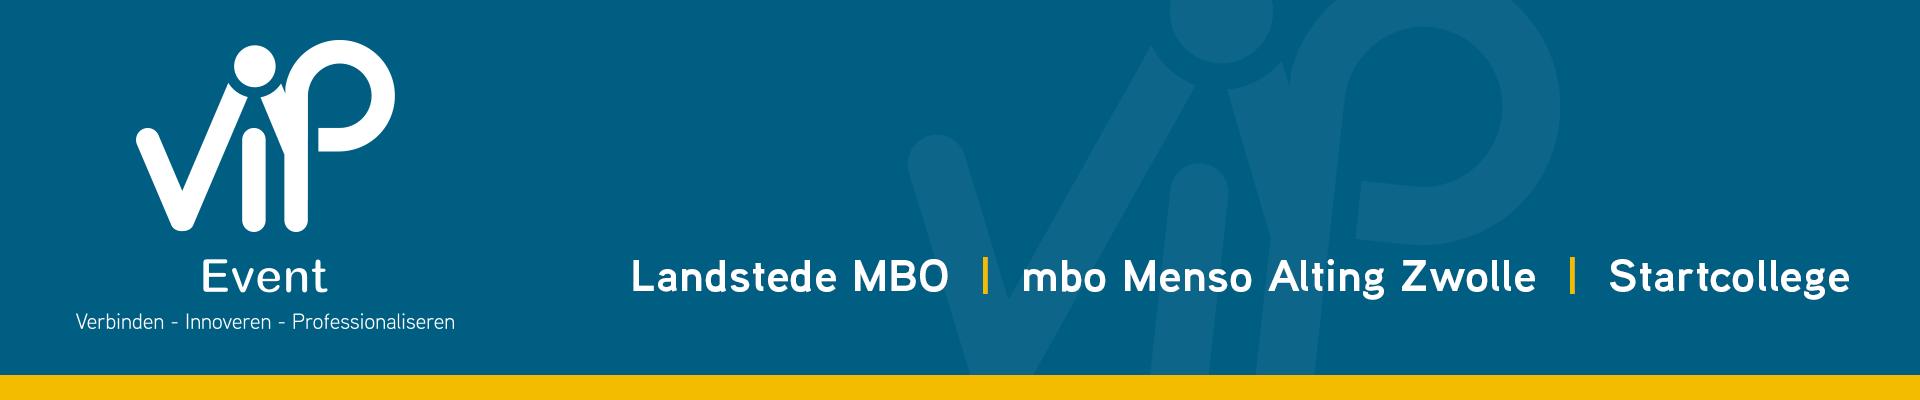 mbo v.i.p.-event 2019, aanmelding workshopgevers